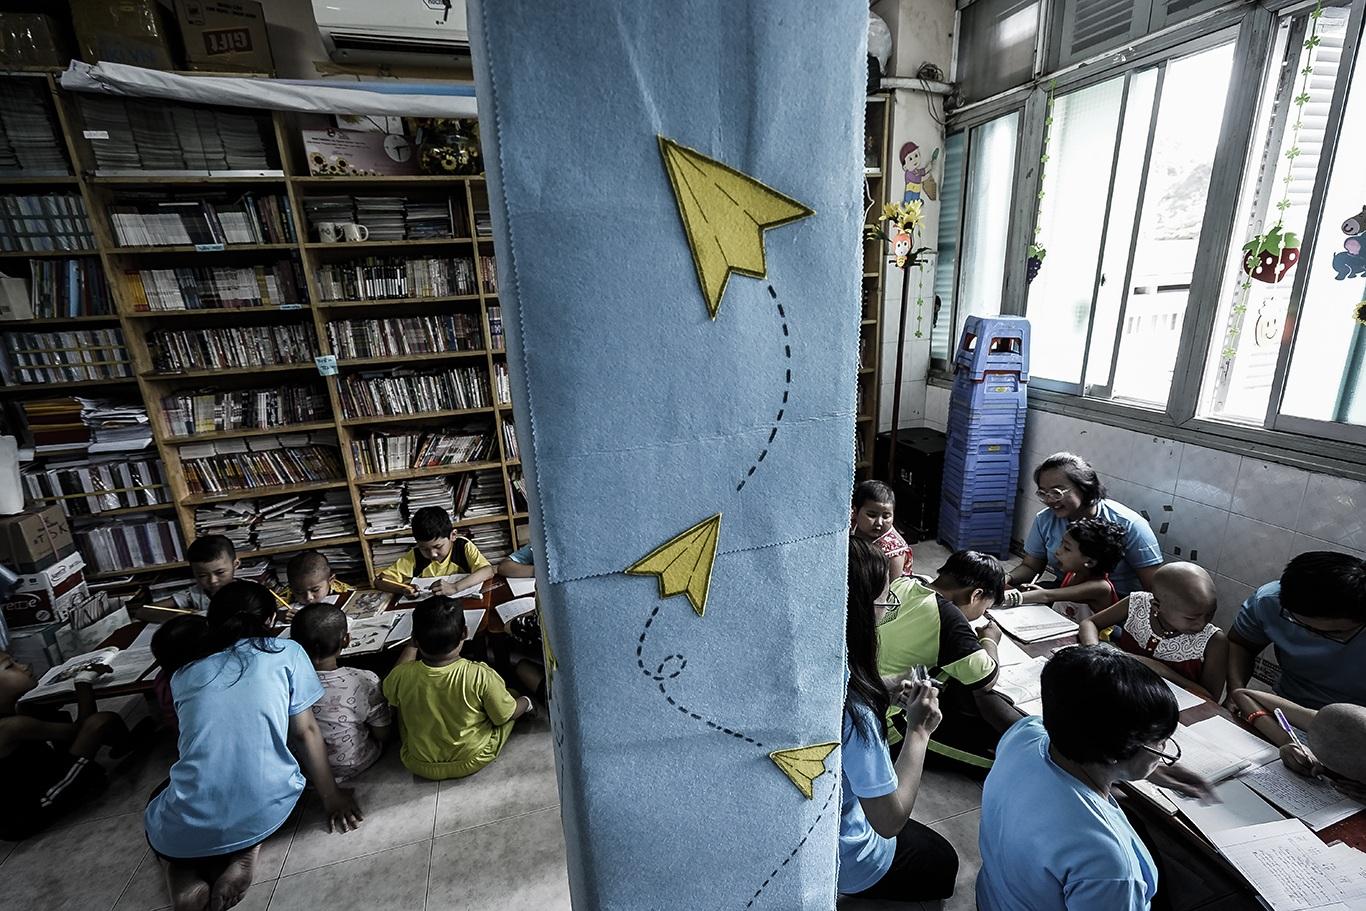 Cô giáo một thập kỷ ở lớp học trò qua đời, cô vẫn phải mỉm cười - 17